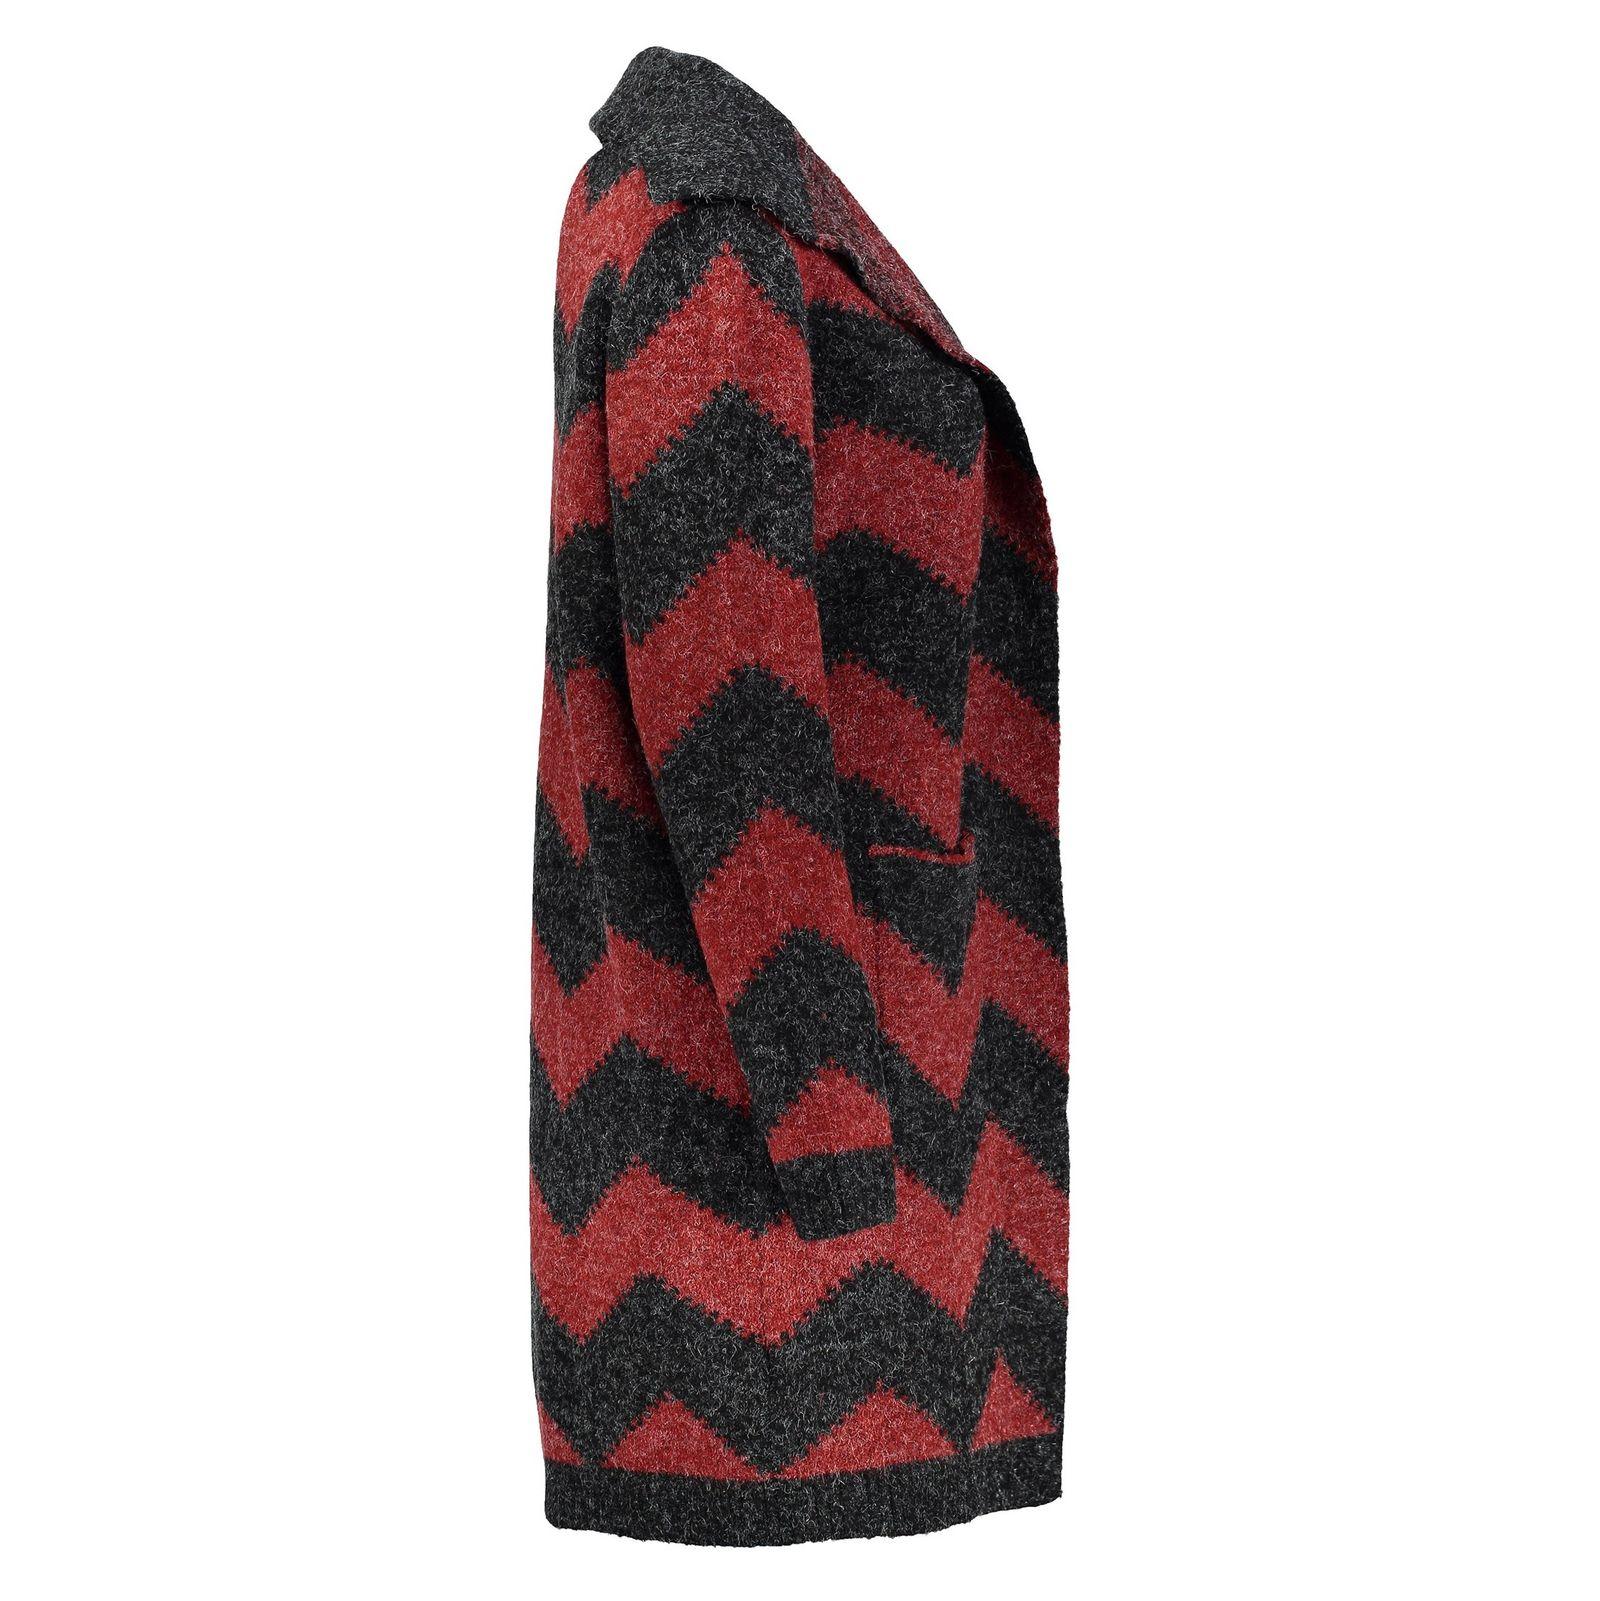 رویه بافت زنانه - اونلی - قرمز و زغالي - 4